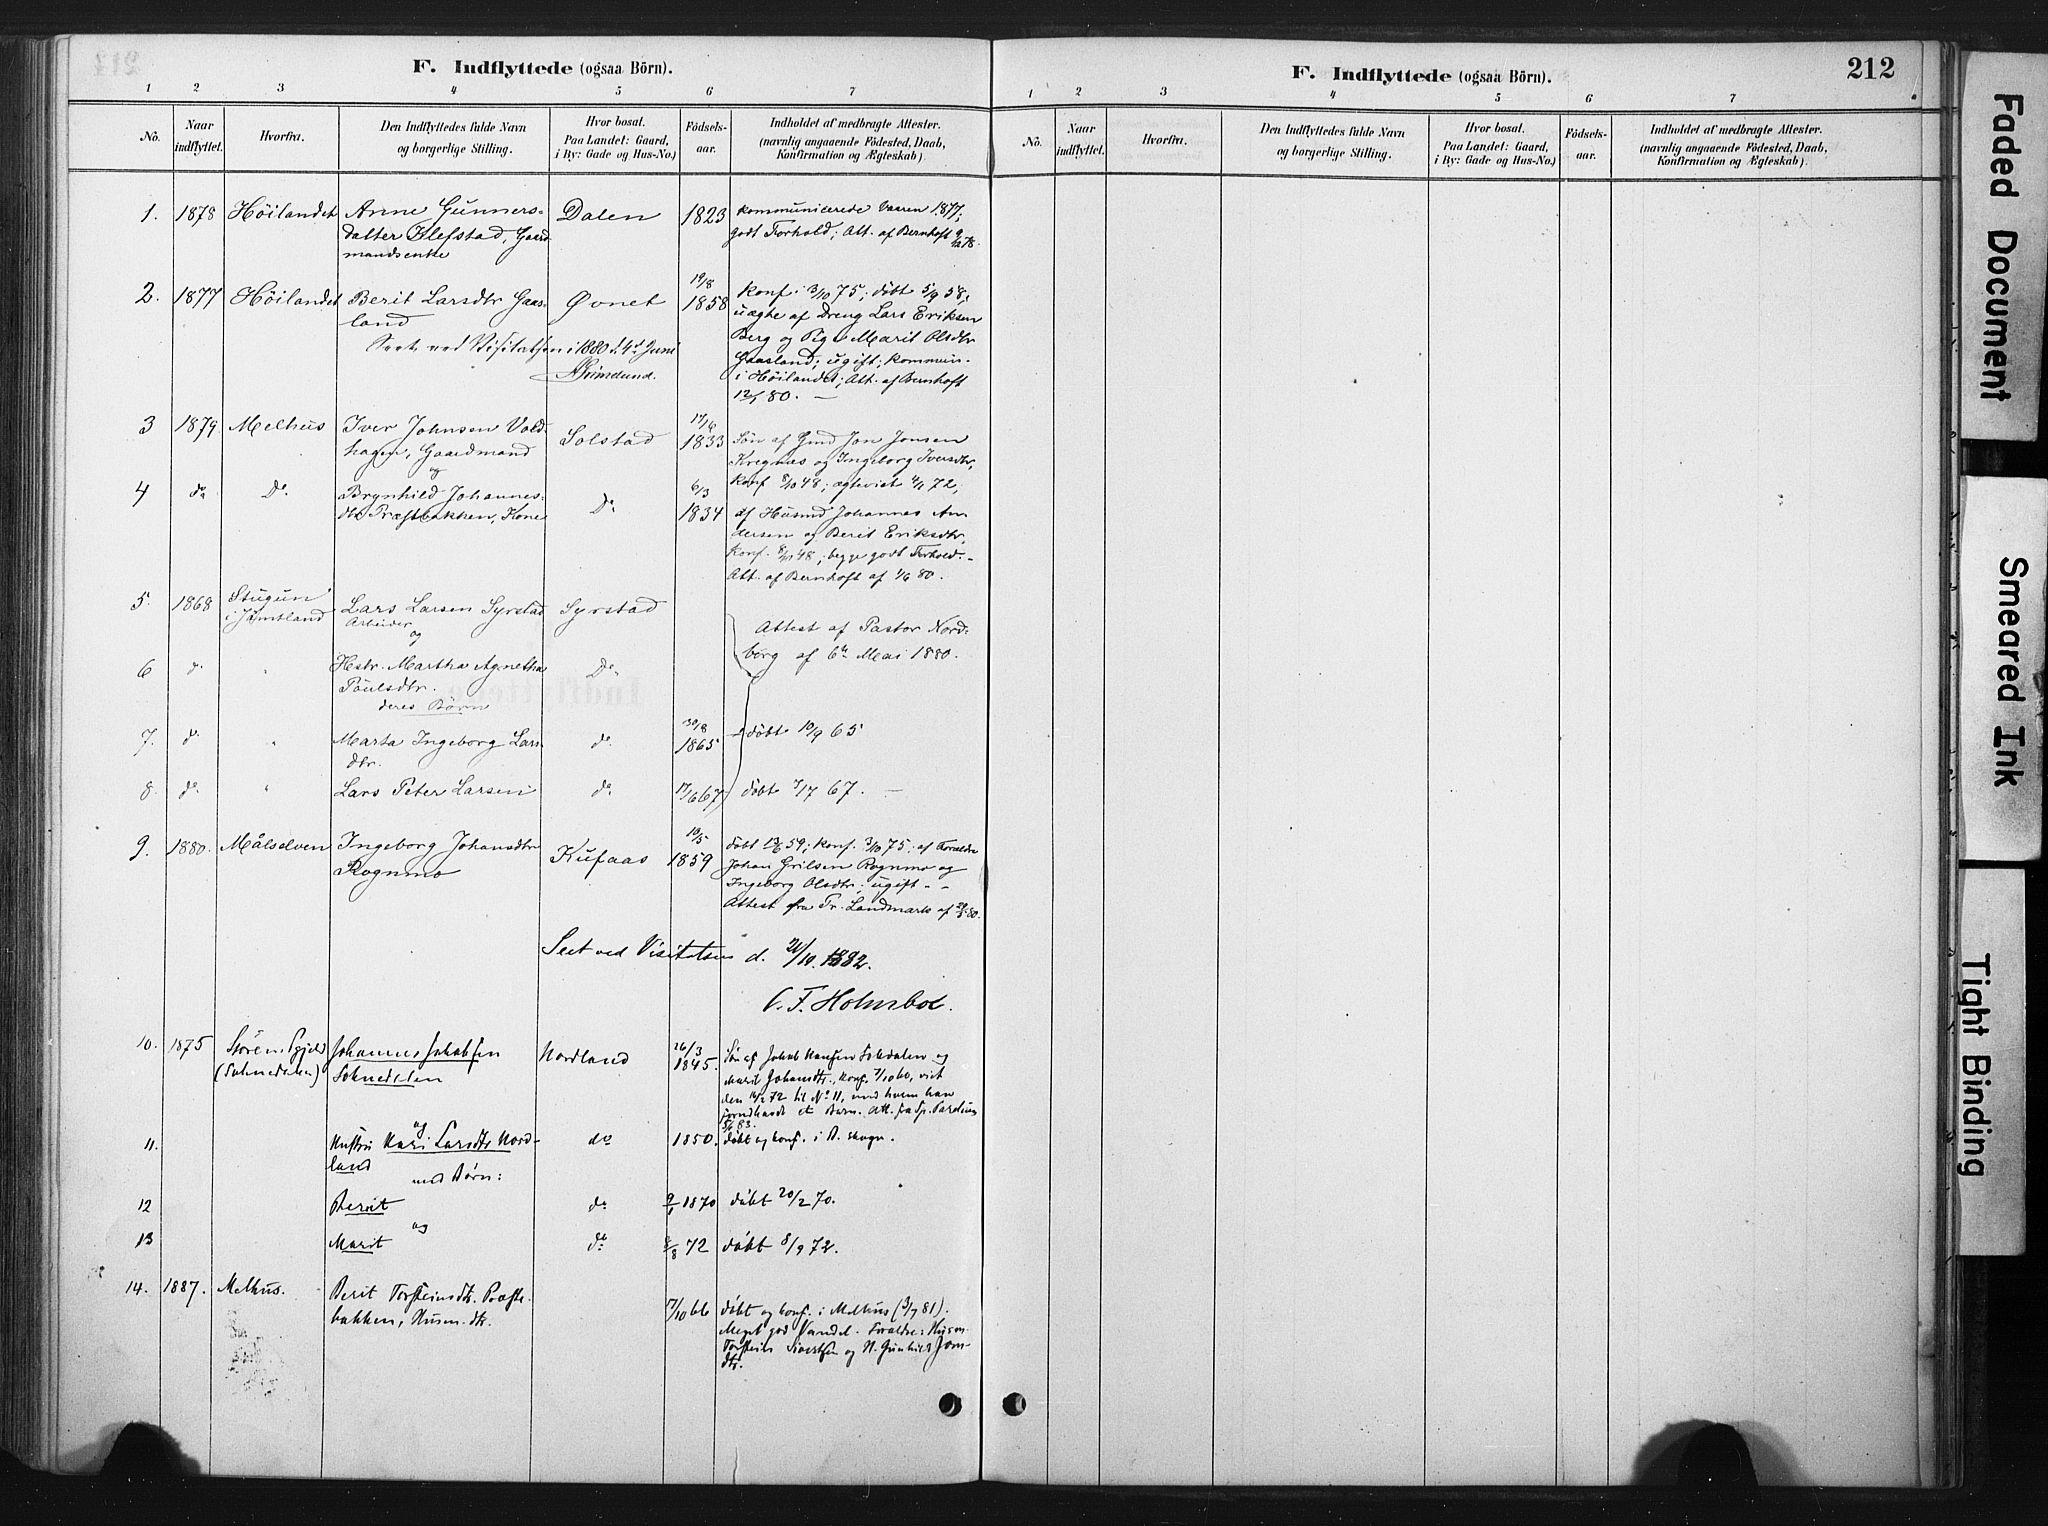 SAT, Ministerialprotokoller, klokkerbøker og fødselsregistre - Sør-Trøndelag, 667/L0795: Ministerialbok nr. 667A03, 1879-1907, s. 212